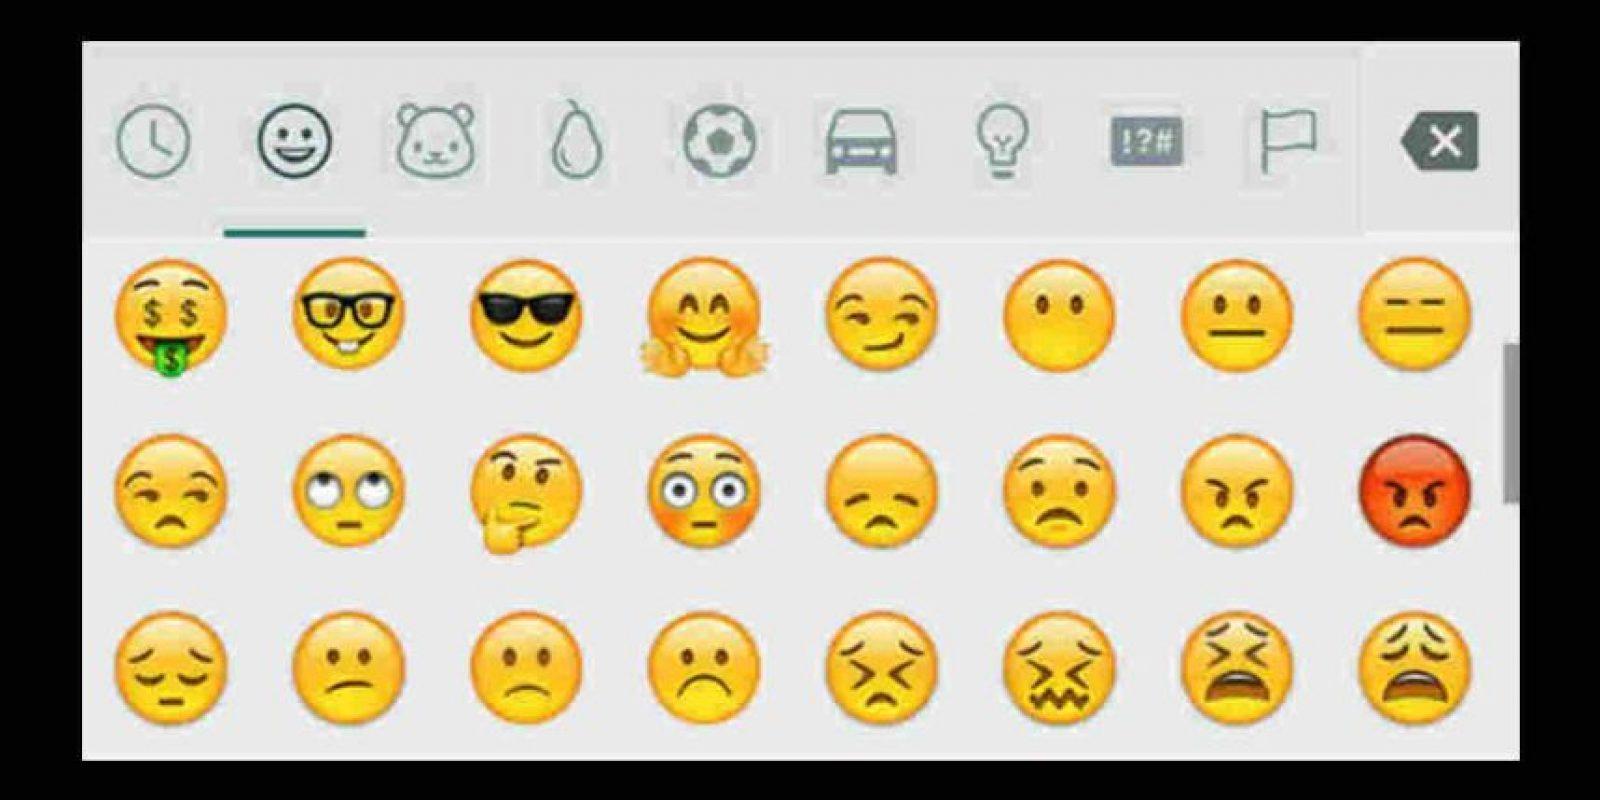 Los emoticones, para muchos jóvenes, han suplantado el lenguaje. Foto:Tumblr